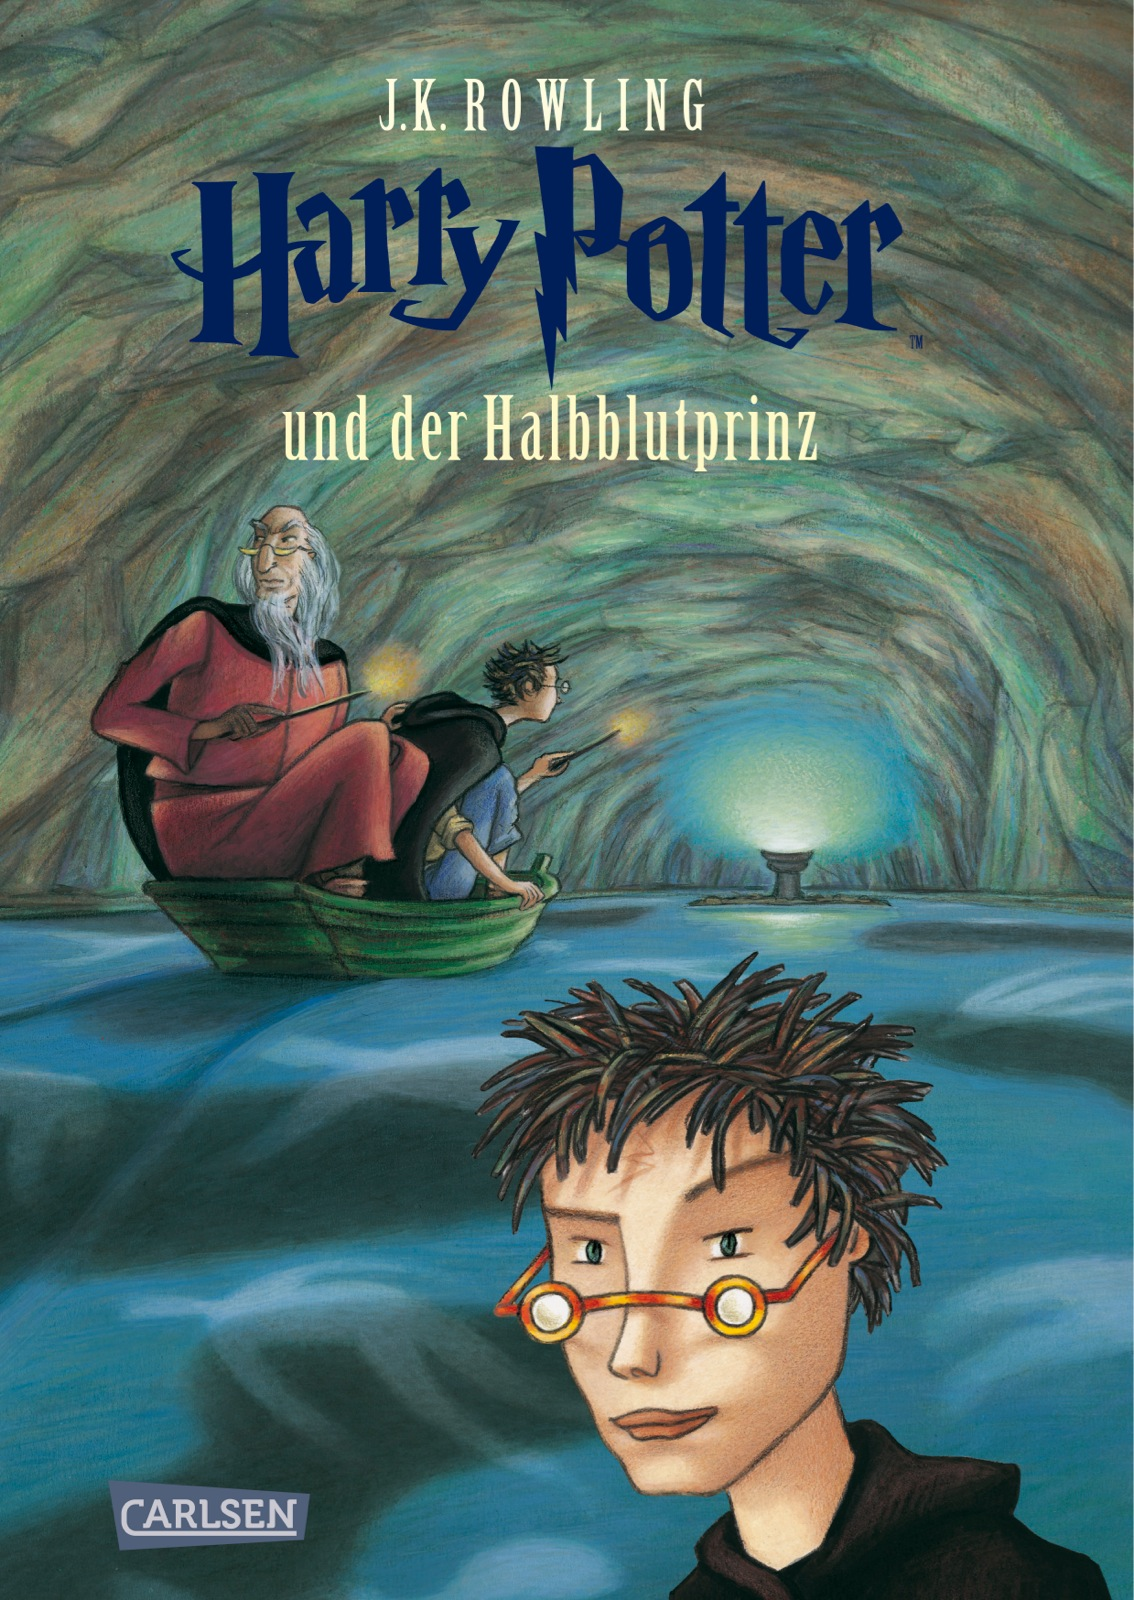 Bestand:Harry potter und der halbblutprinz.jpg